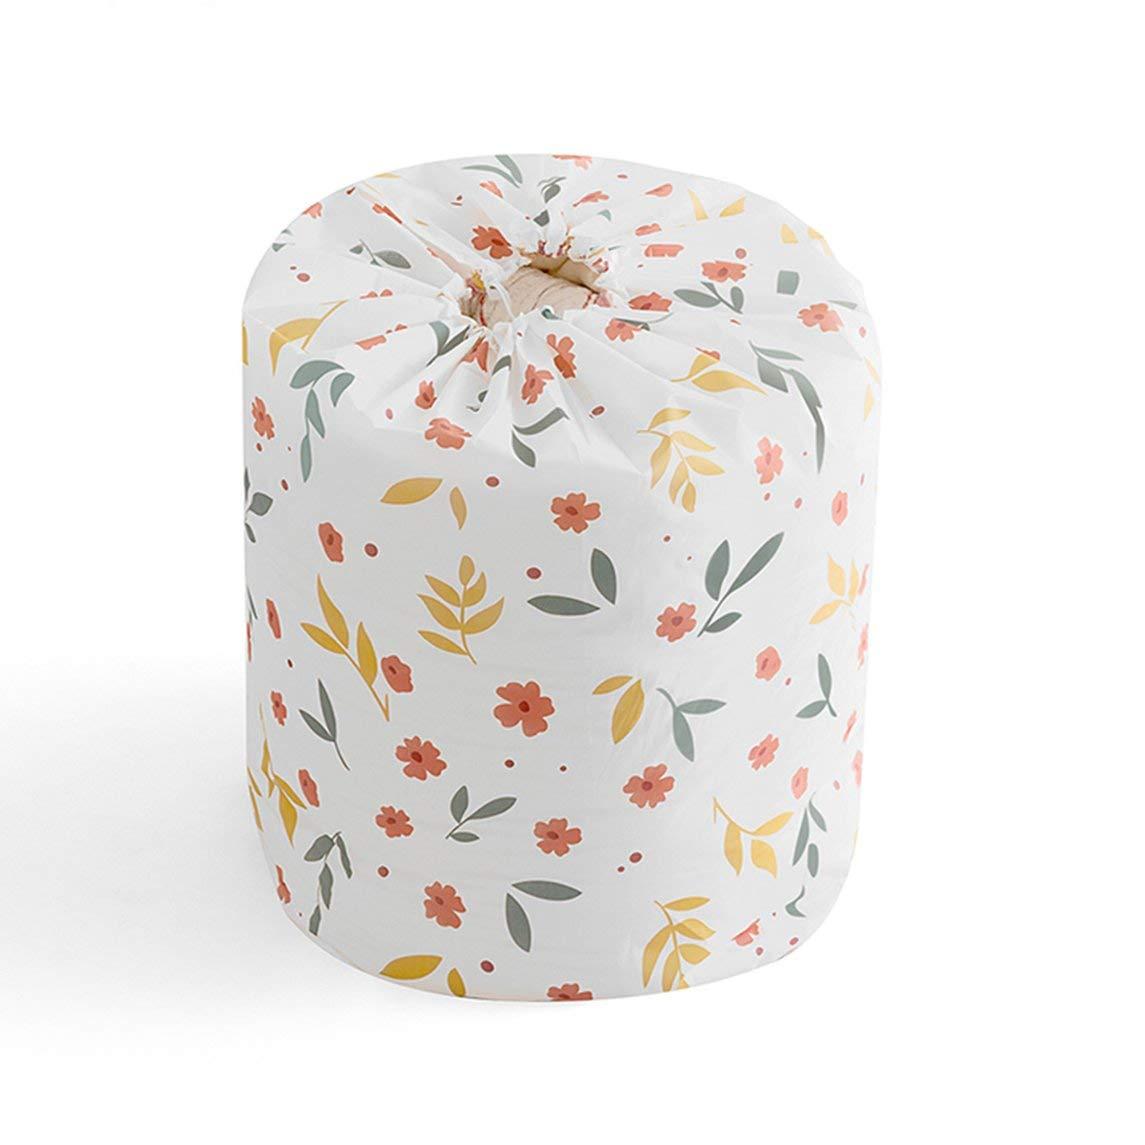 Footprintse INNERNEED Floral/Geometrie Printing Square/Barrel Aufbewahrungstasche für Bettwäsche Bettdecken Quilt Kissen Bekleidung Waschbar Organizer-Farbe: weiß